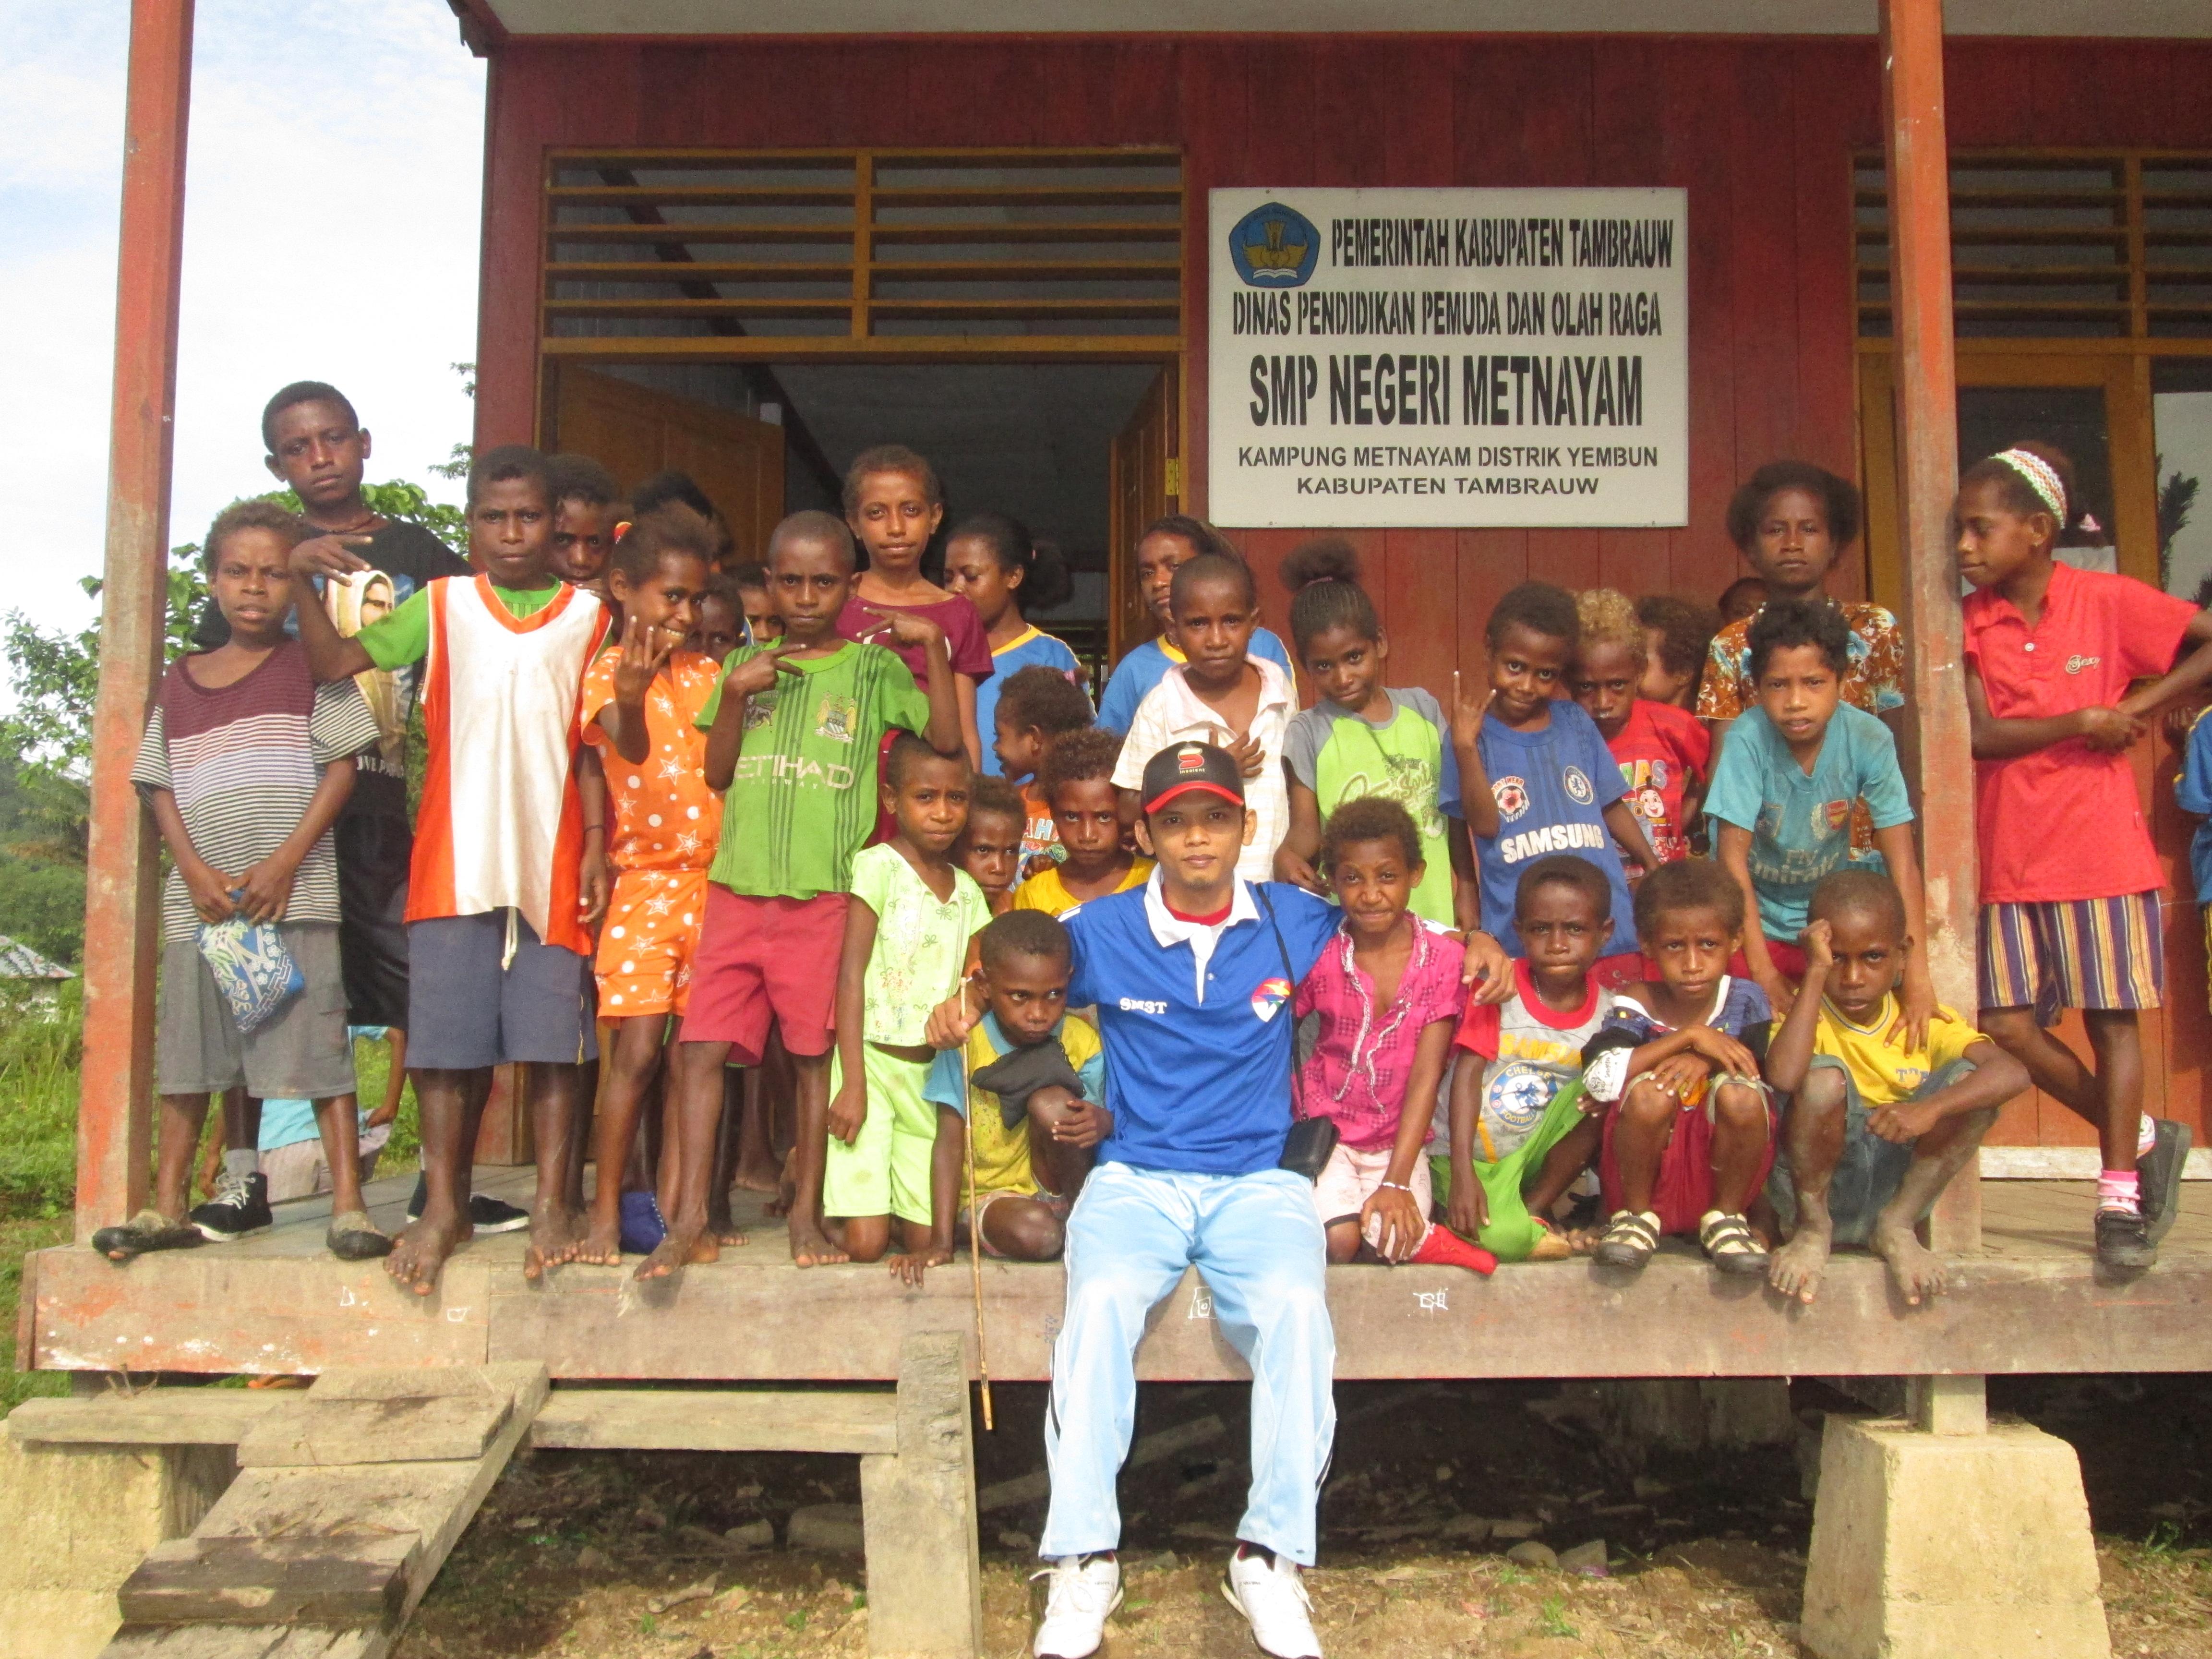 Hendri berfoto bersama siswa-siswa di pedalaman Papua Barat. Sumber: Dokumentasi pribadi